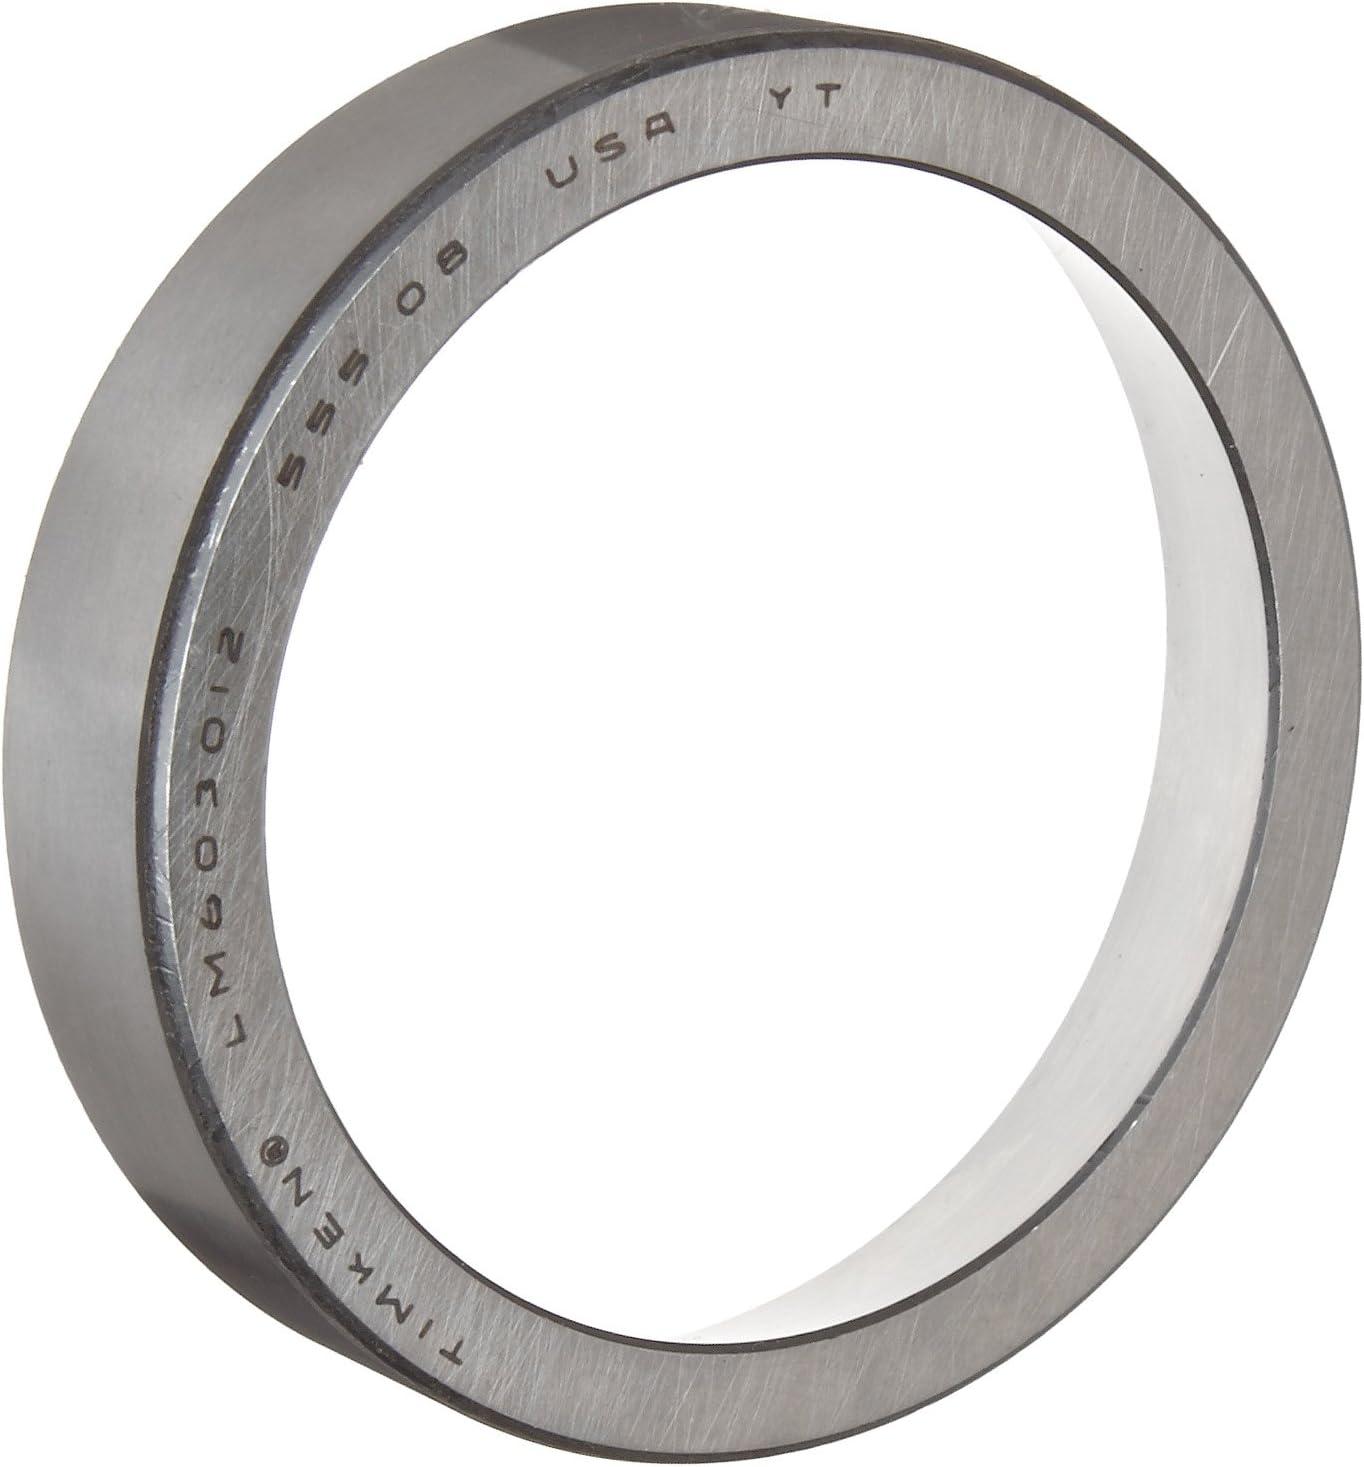 Genuine NTN Bearings Cup - LM603012